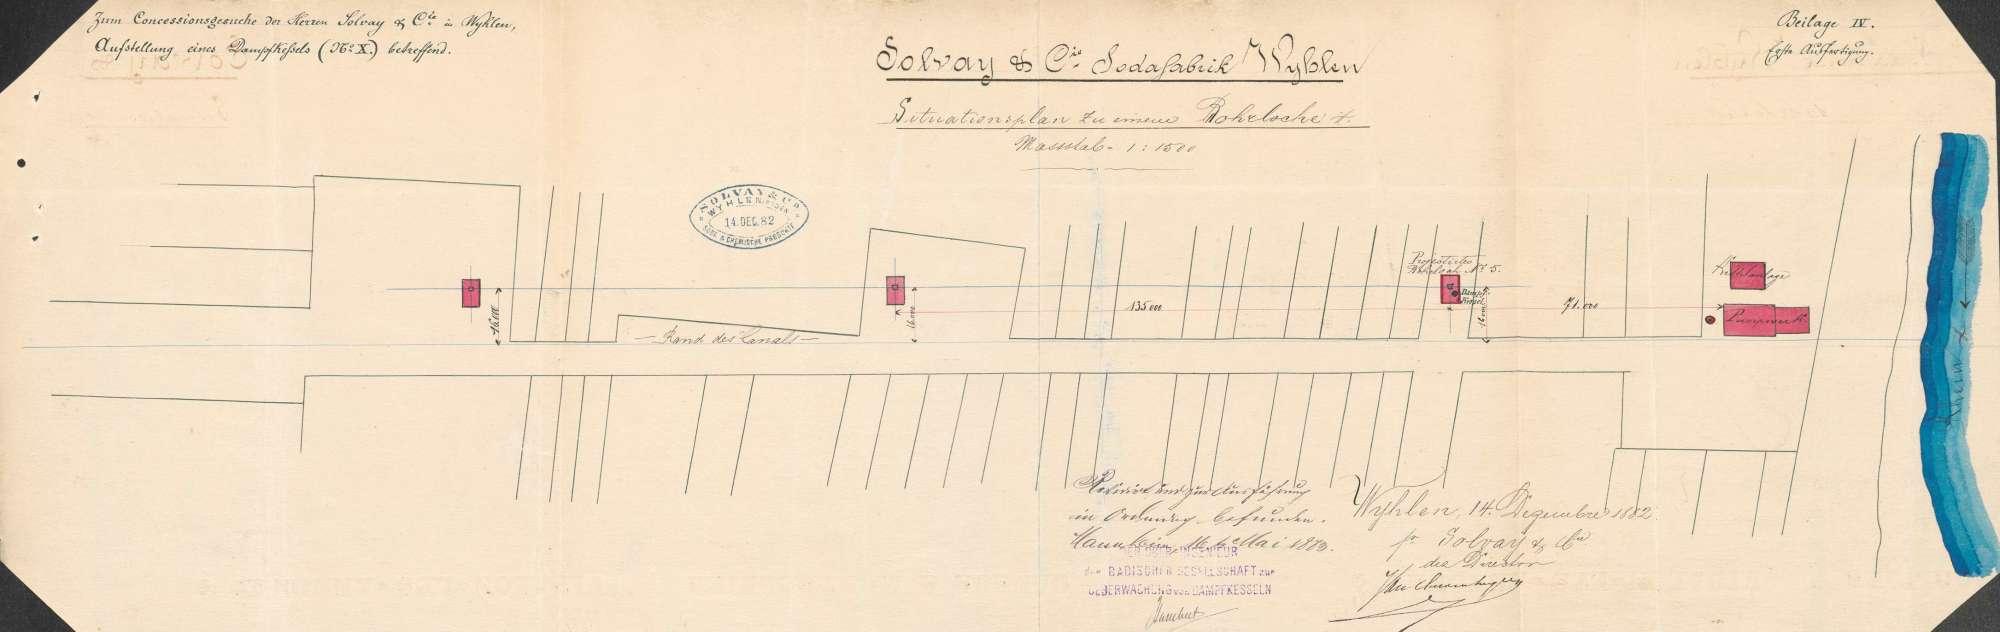 Herstellung eines neuen Friedhofs in Schallbach, Bild 1